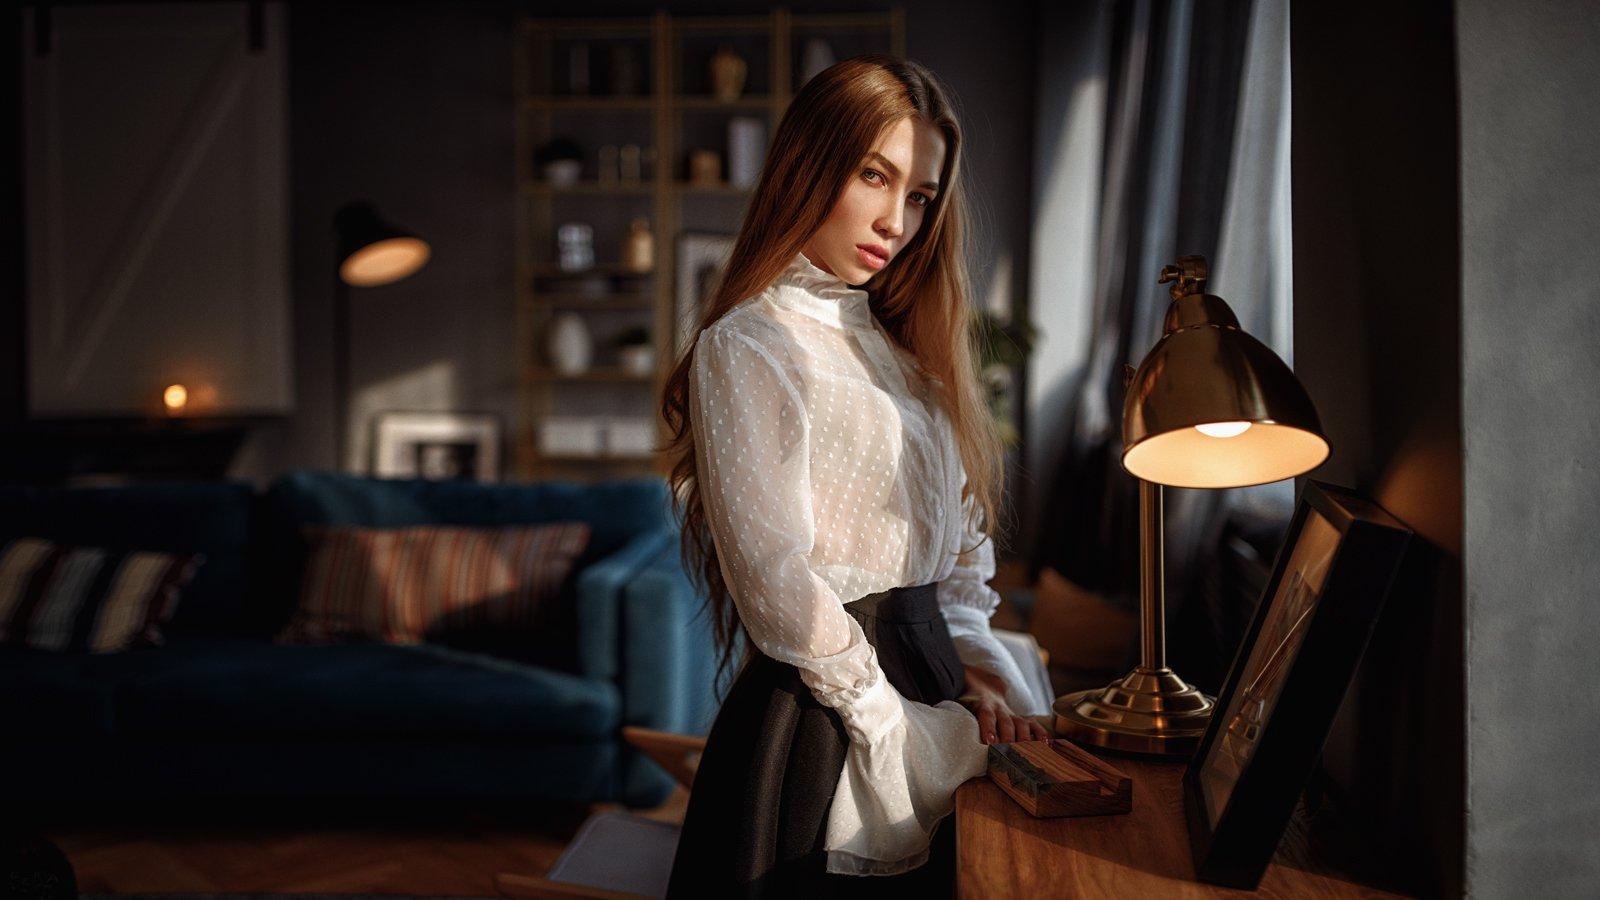 портрет, арт, portrait, art, model, Георгий Чернядьев